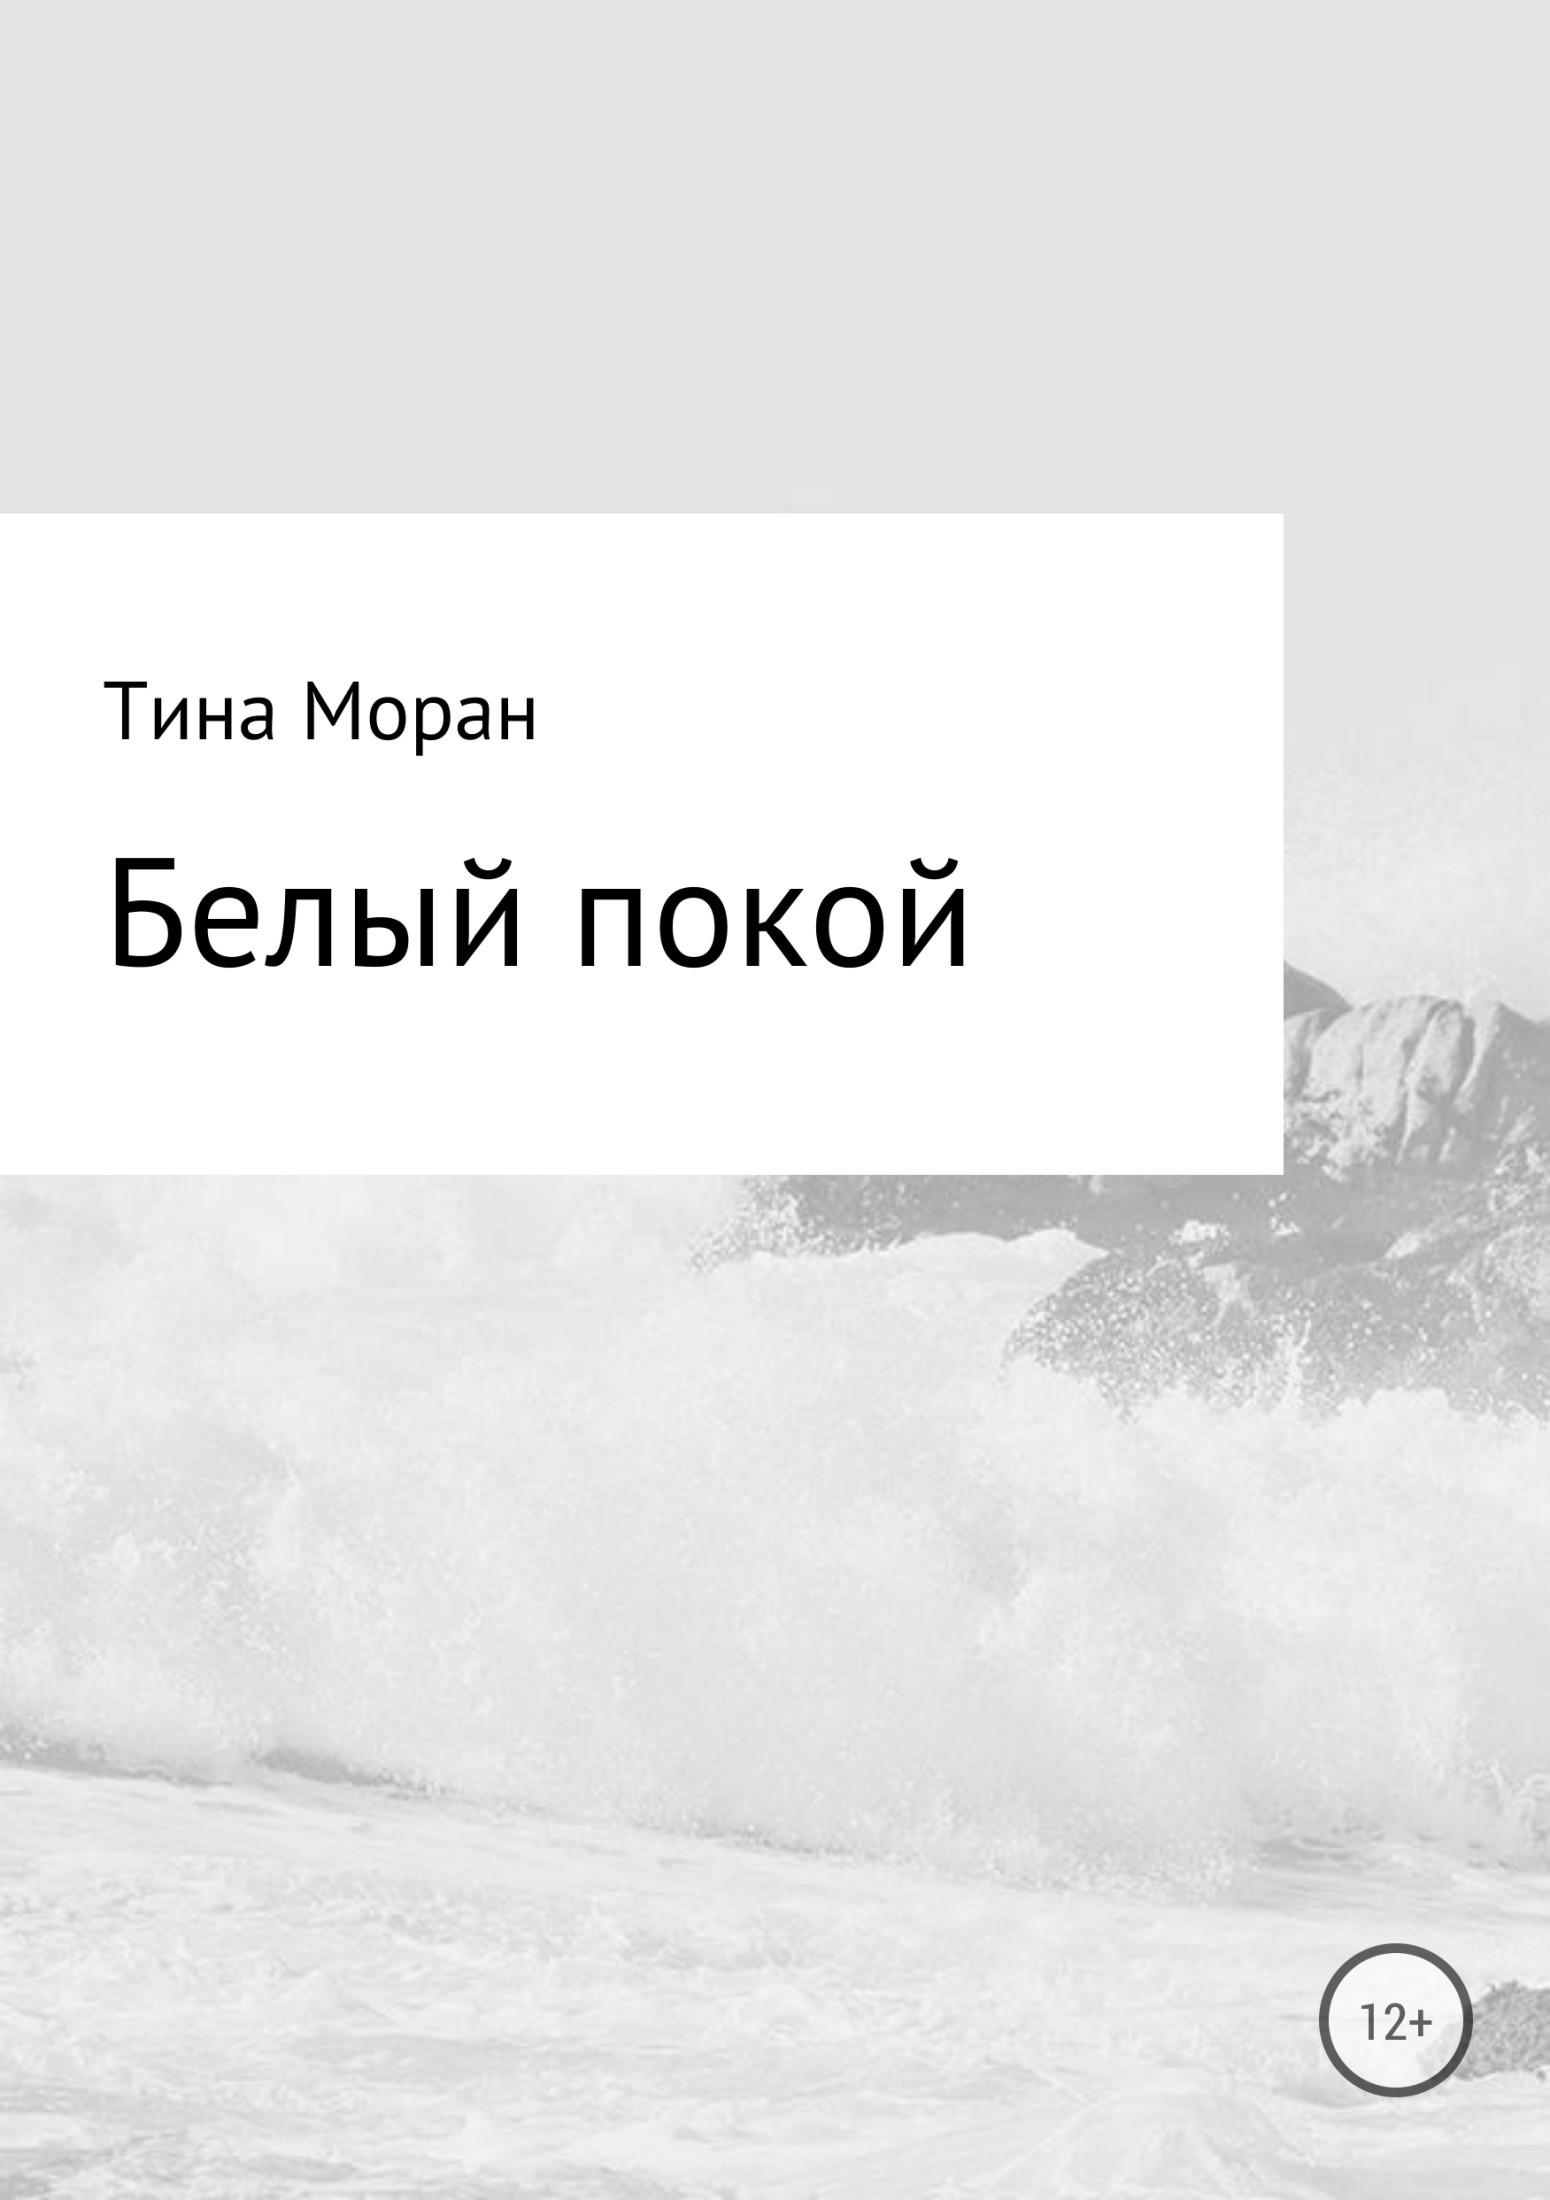 Тина Моран Белый покой